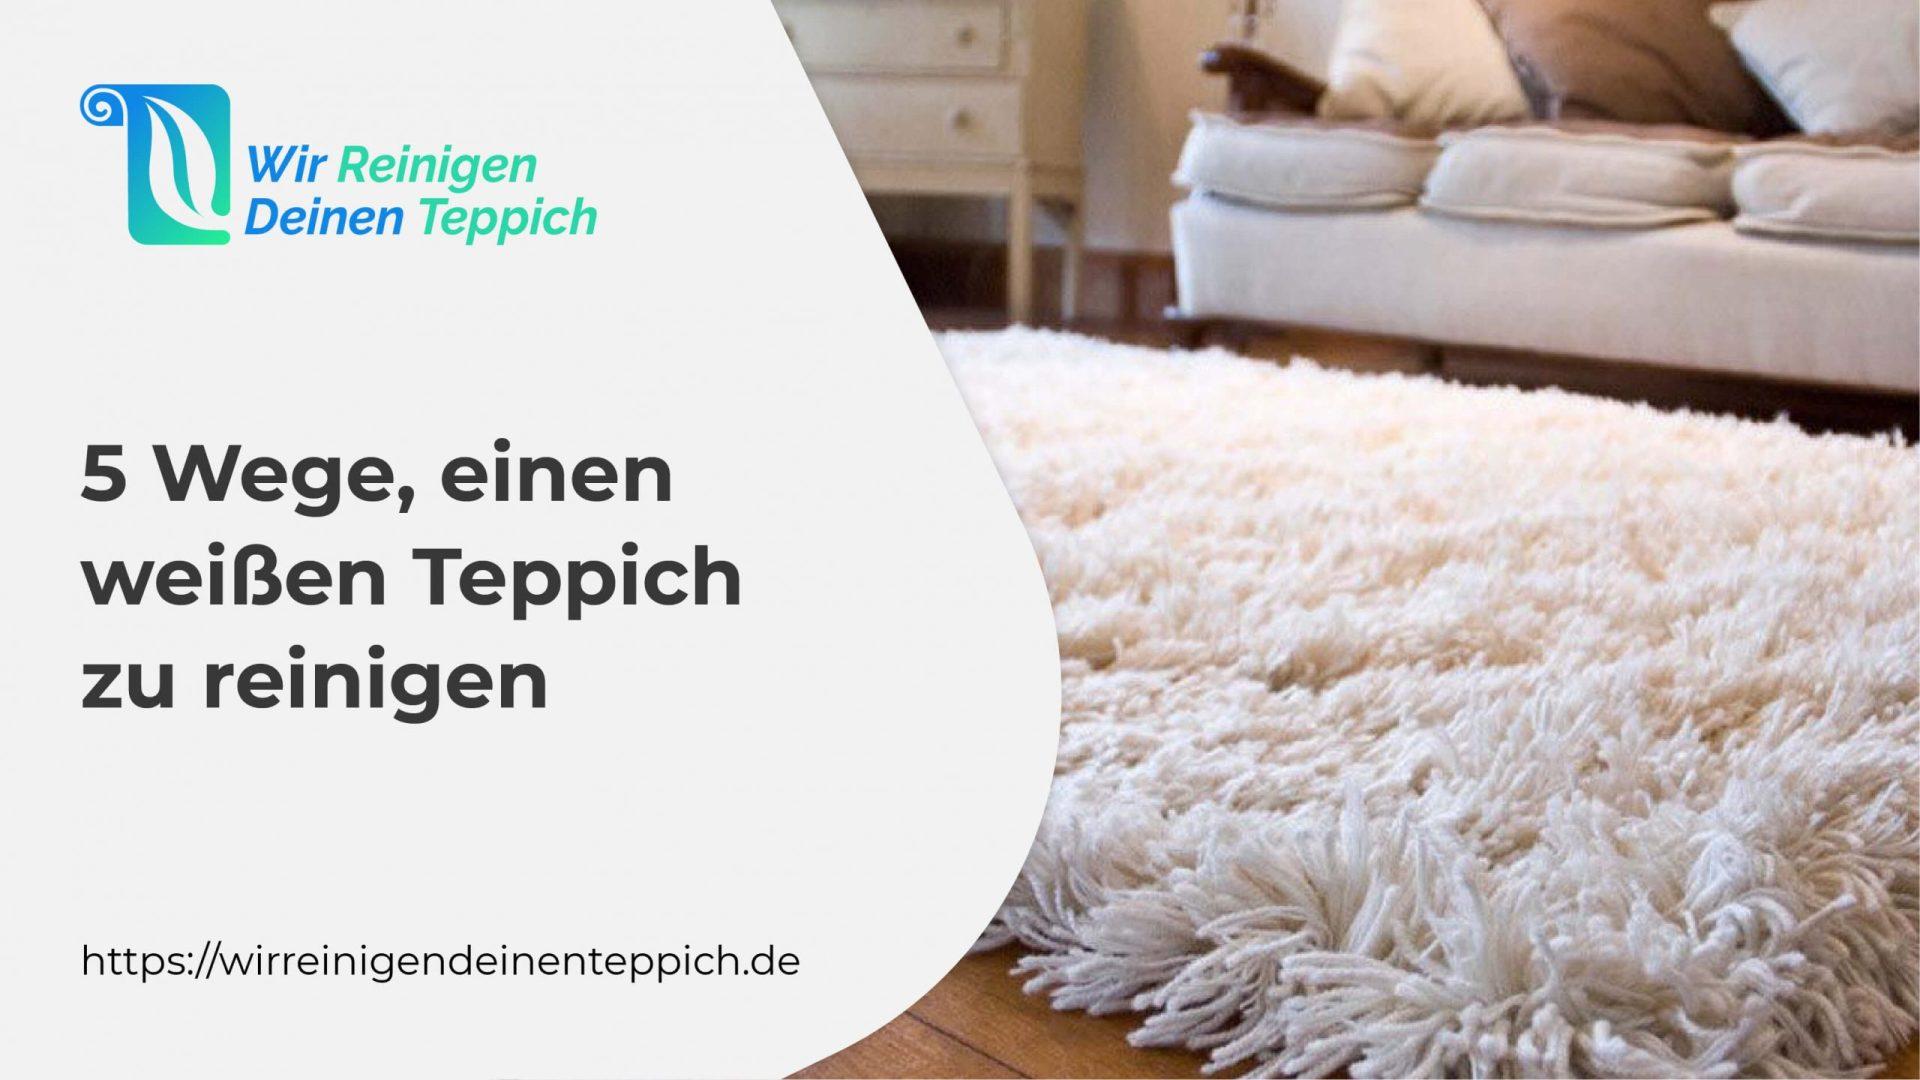 5 Wege, einen weißen Teppich zu reinigen